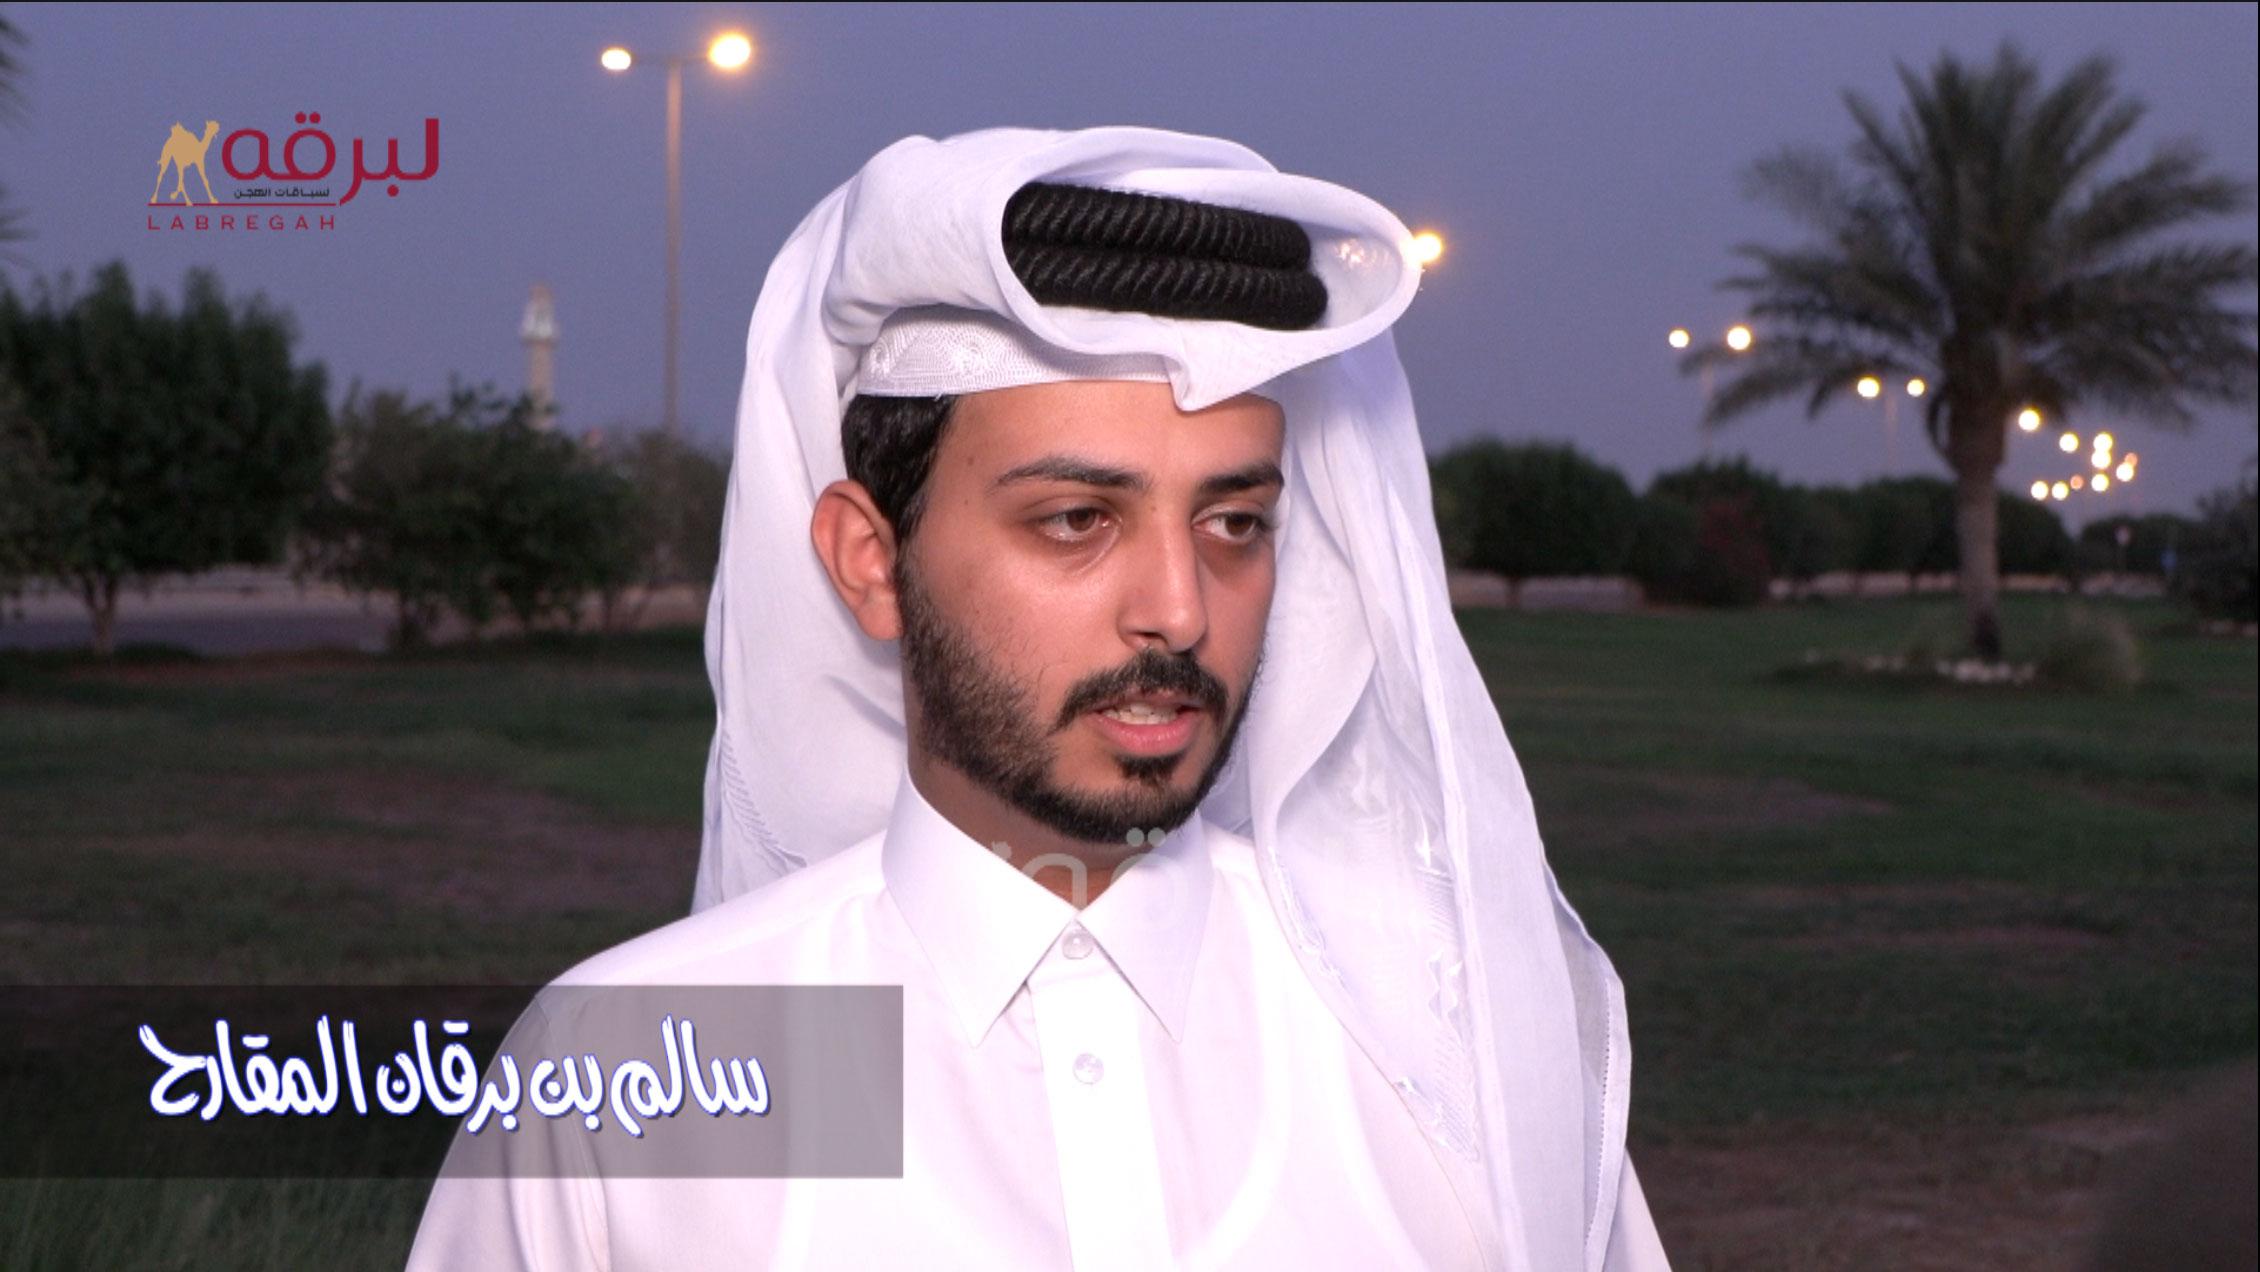 لقاء مع سالم بن برقان المقارح.. الشوط الرئيسي للزمول (مفتوح) الأشواط العامة  ١٦-١٠-٢٠٢١